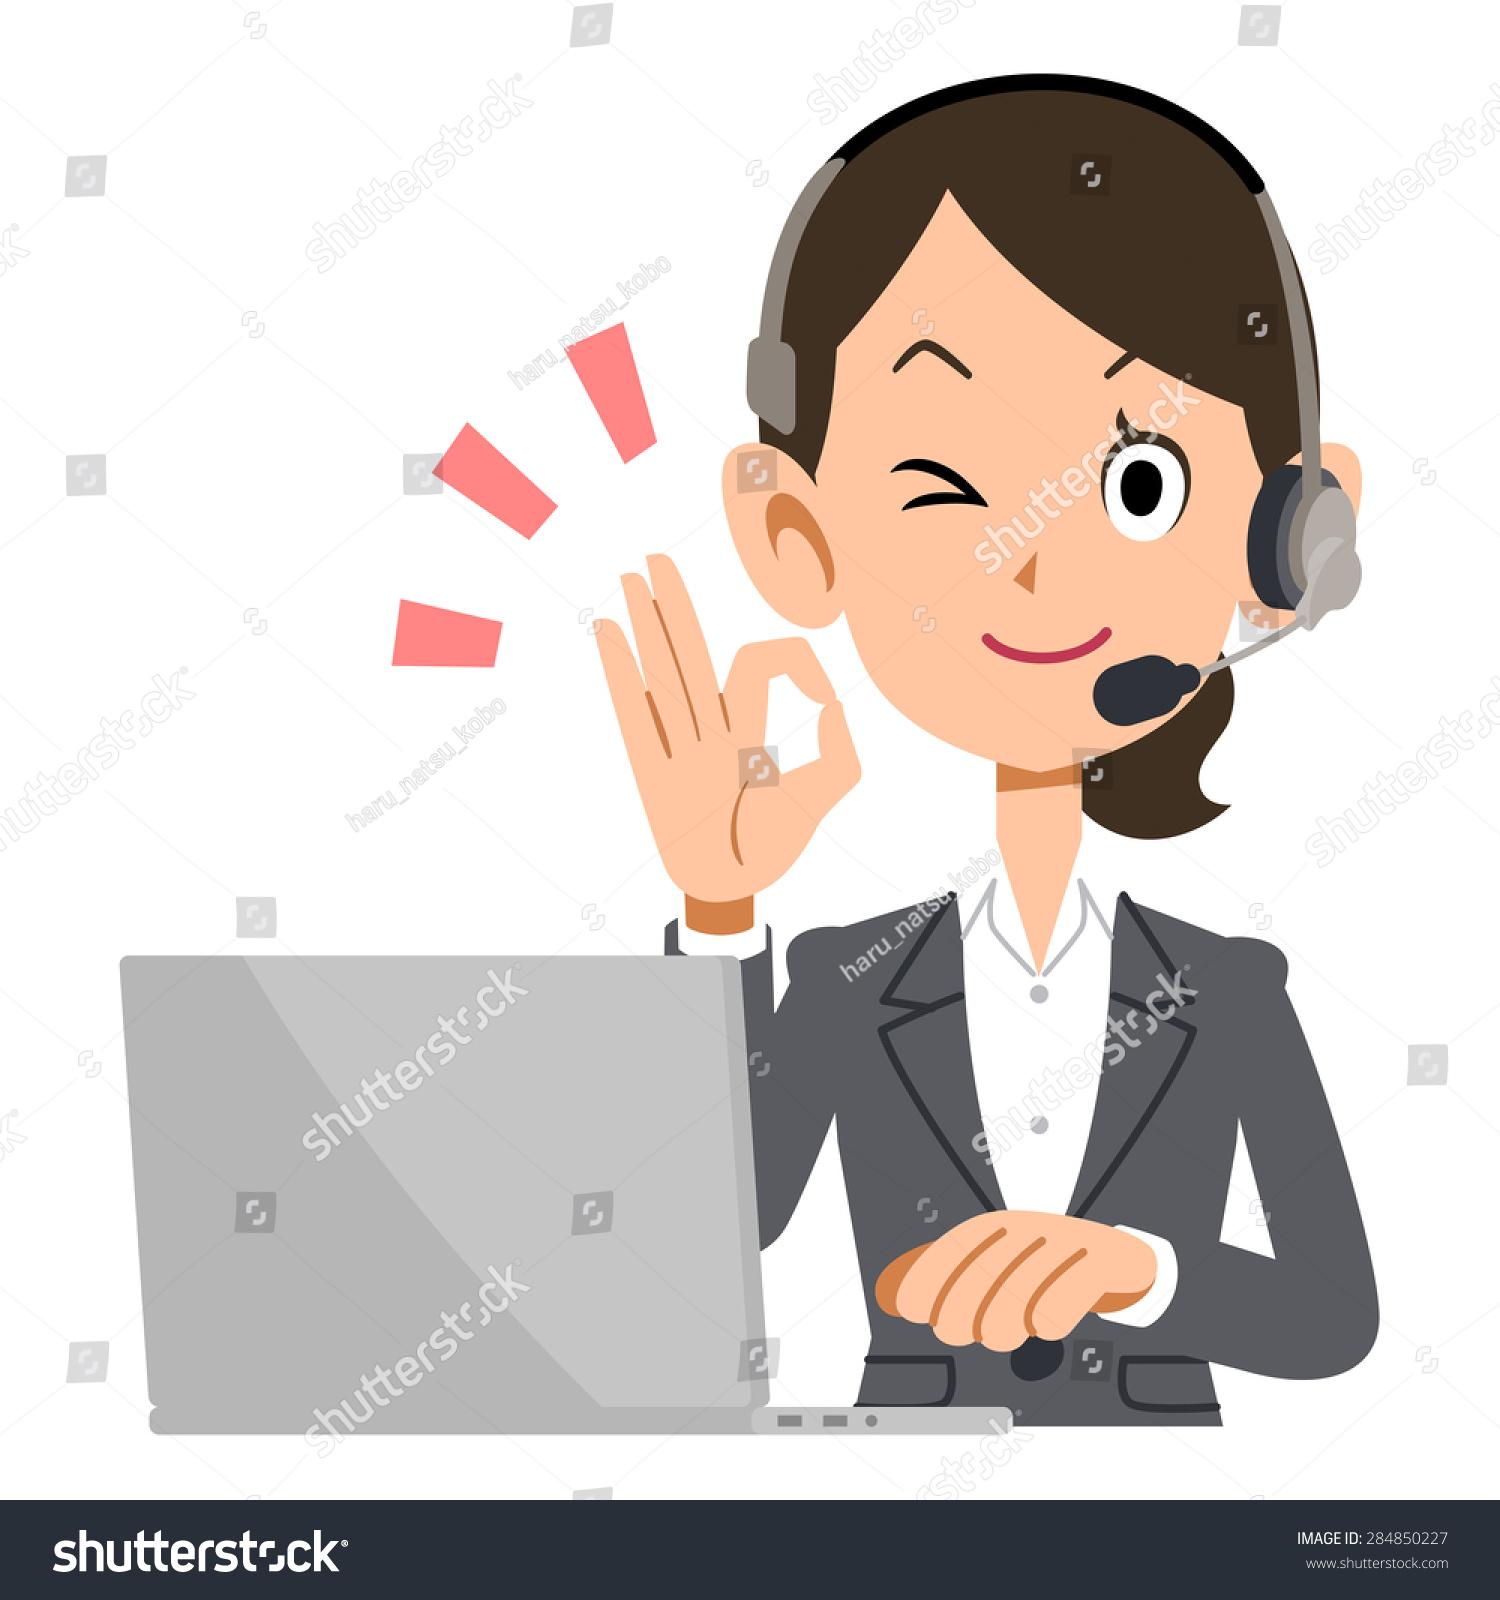 电话接线员手势语的好-商业/金融